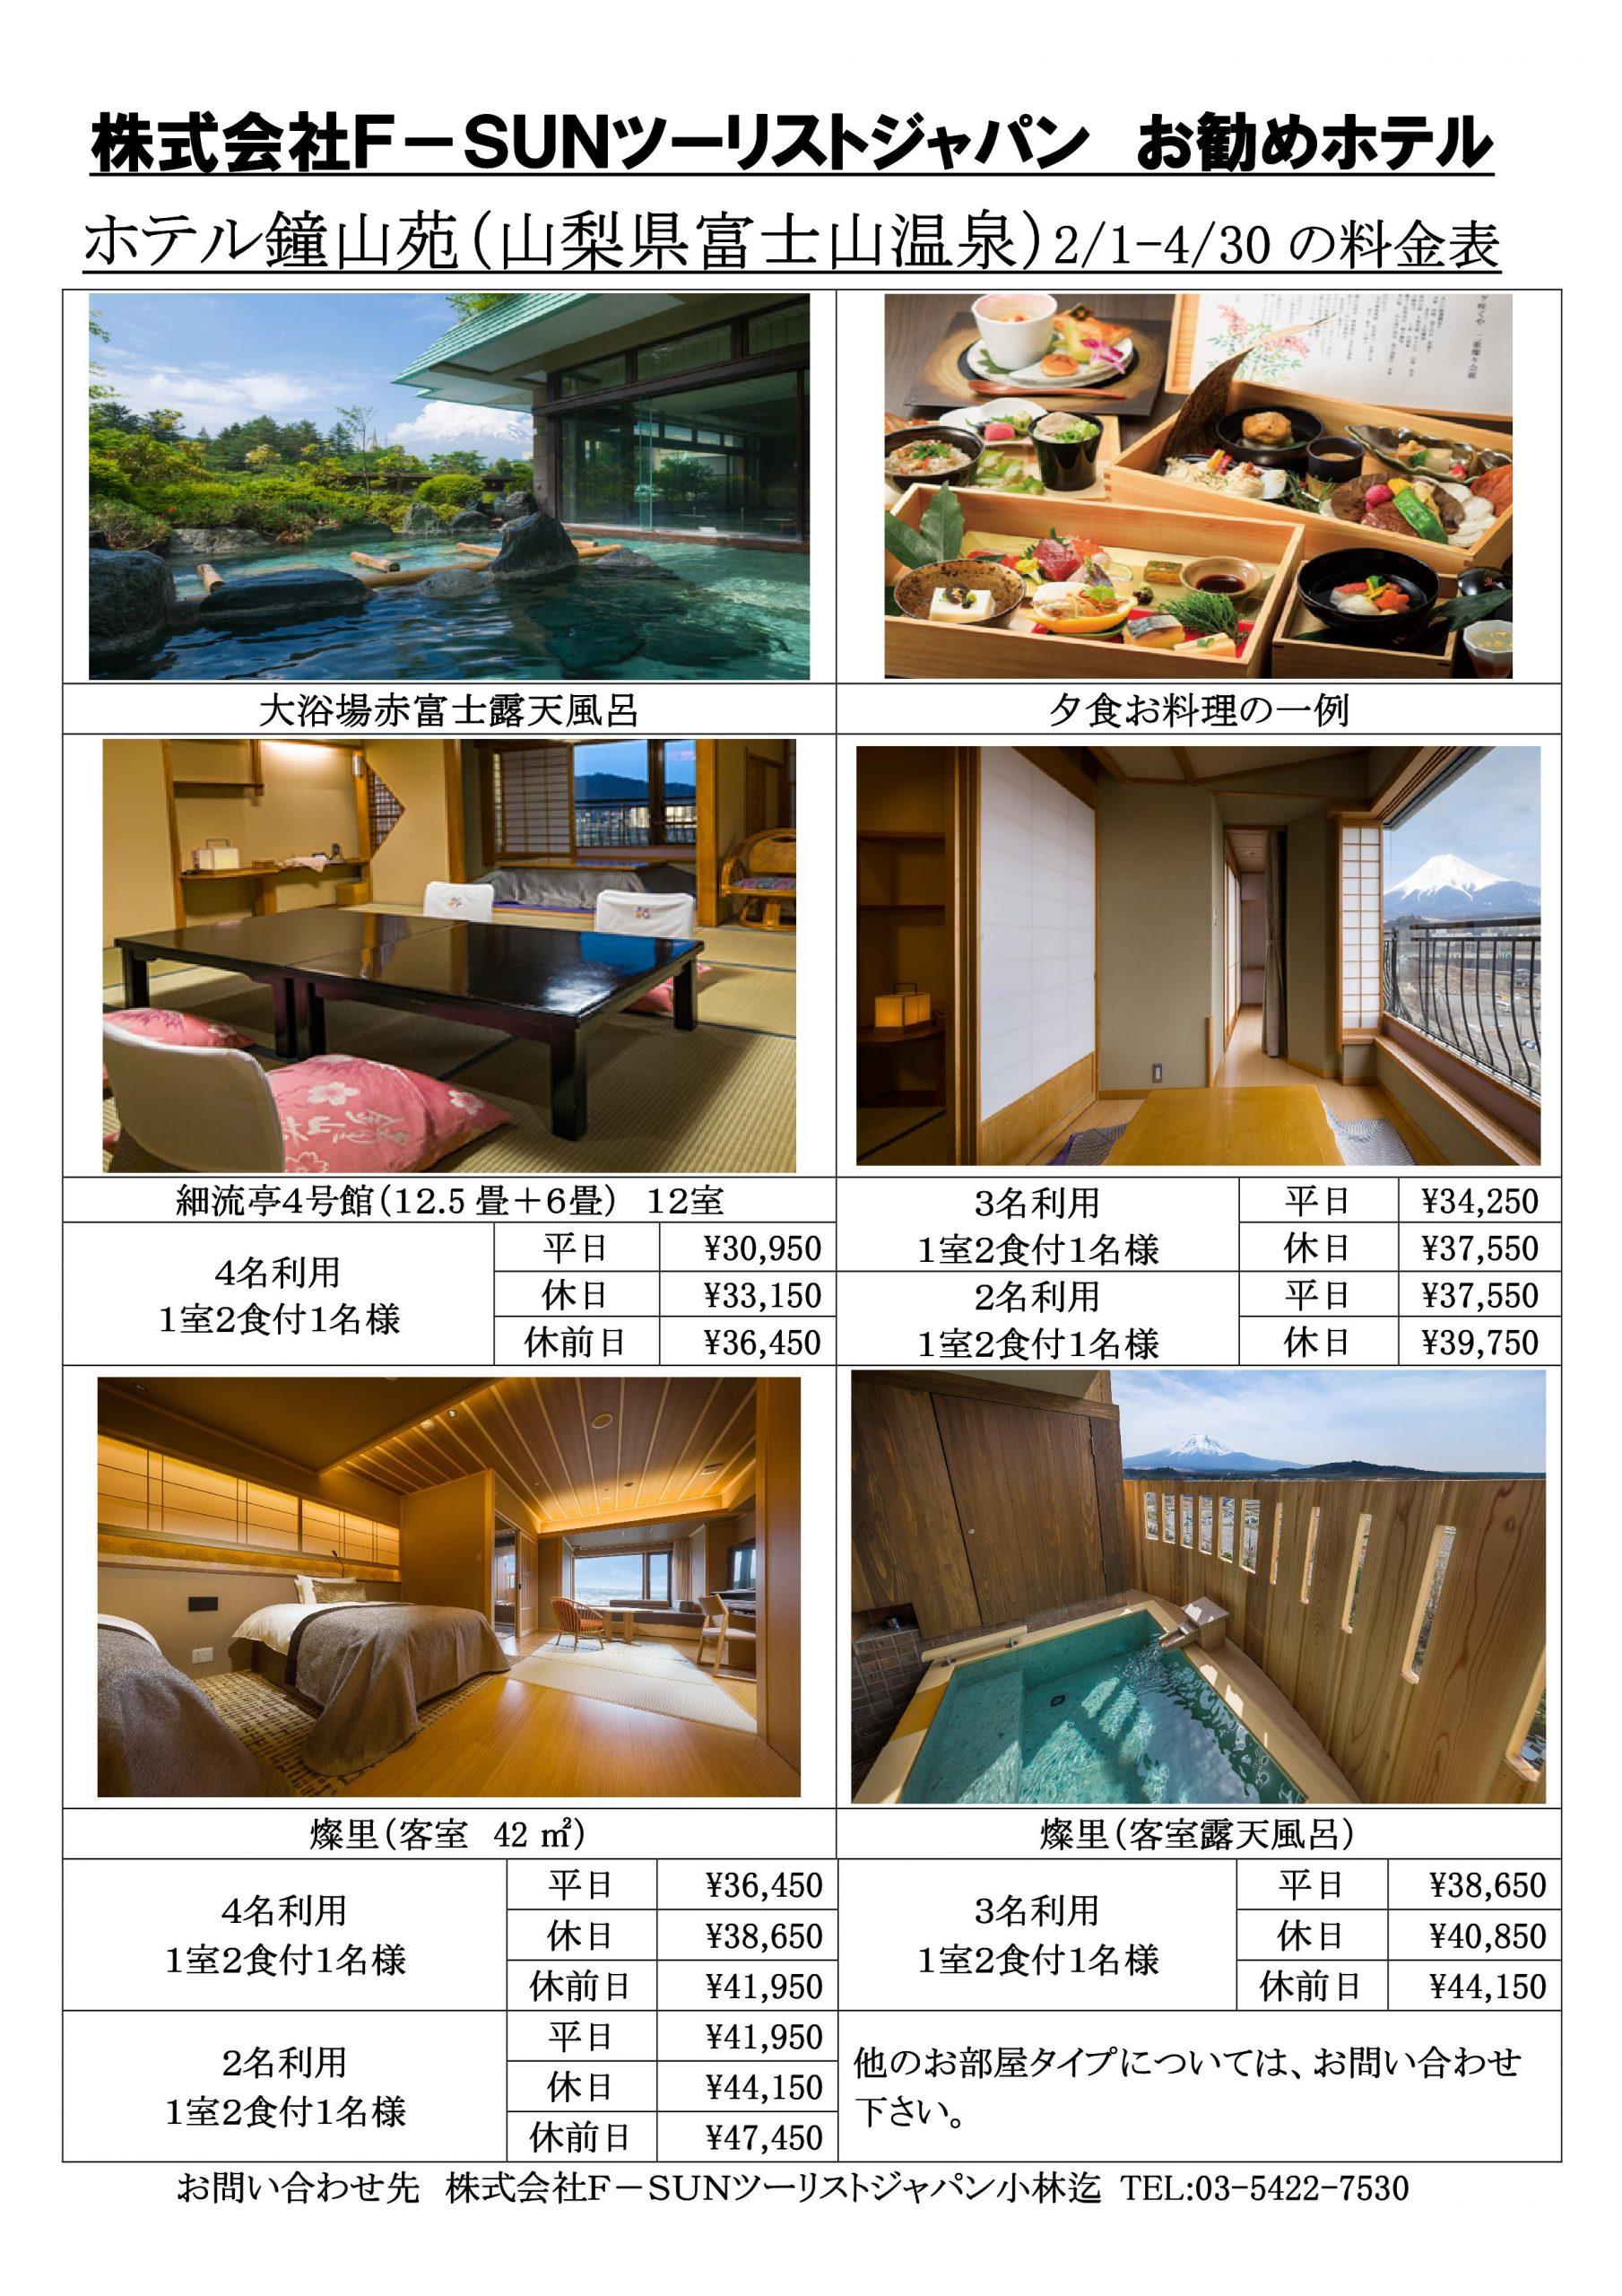 富士山温泉鐘山苑2月~4月宿泊料金